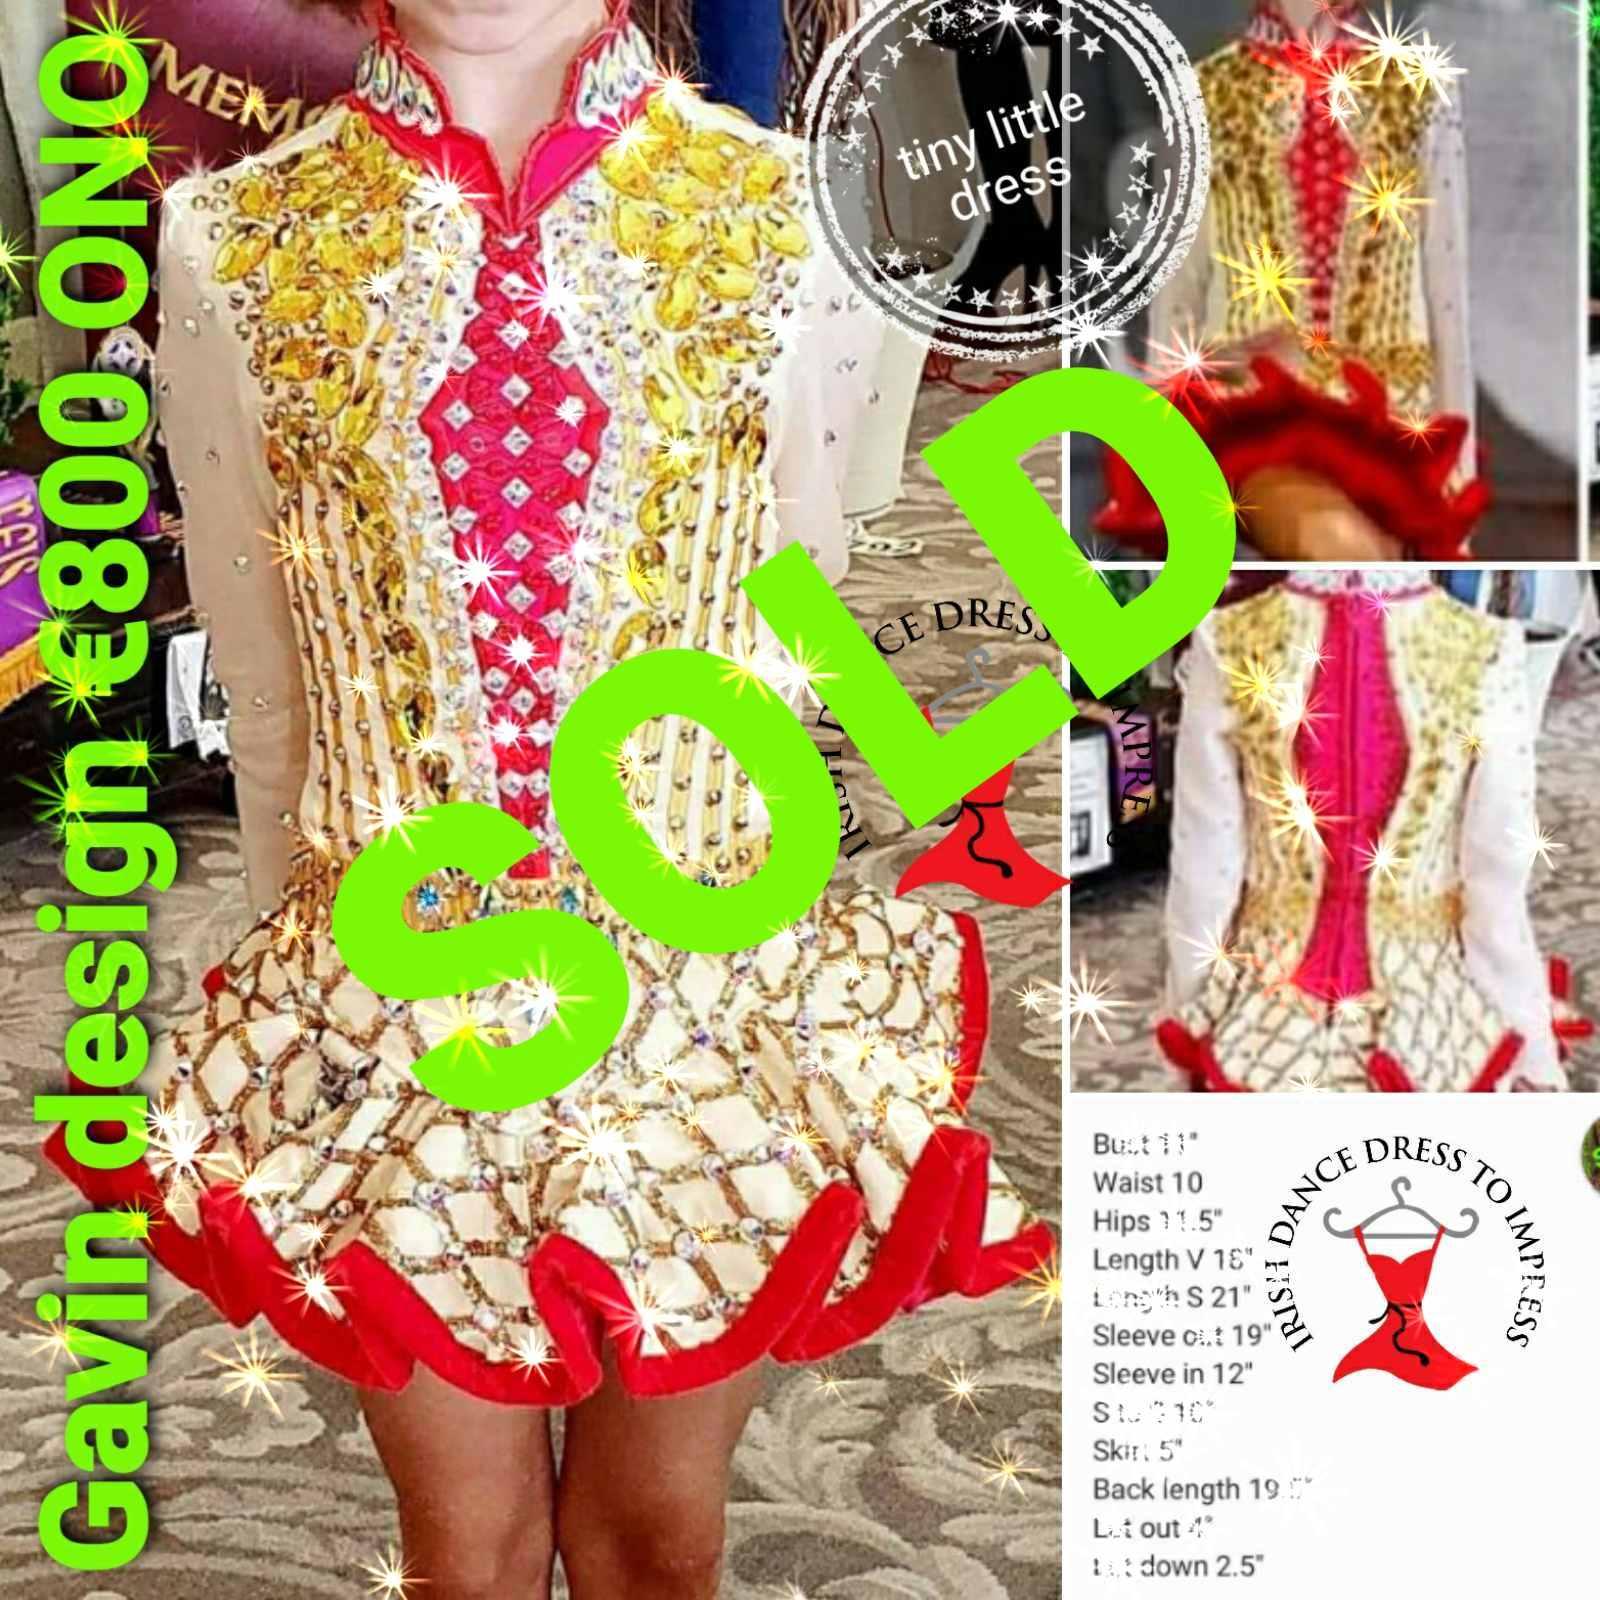 Dress #5604